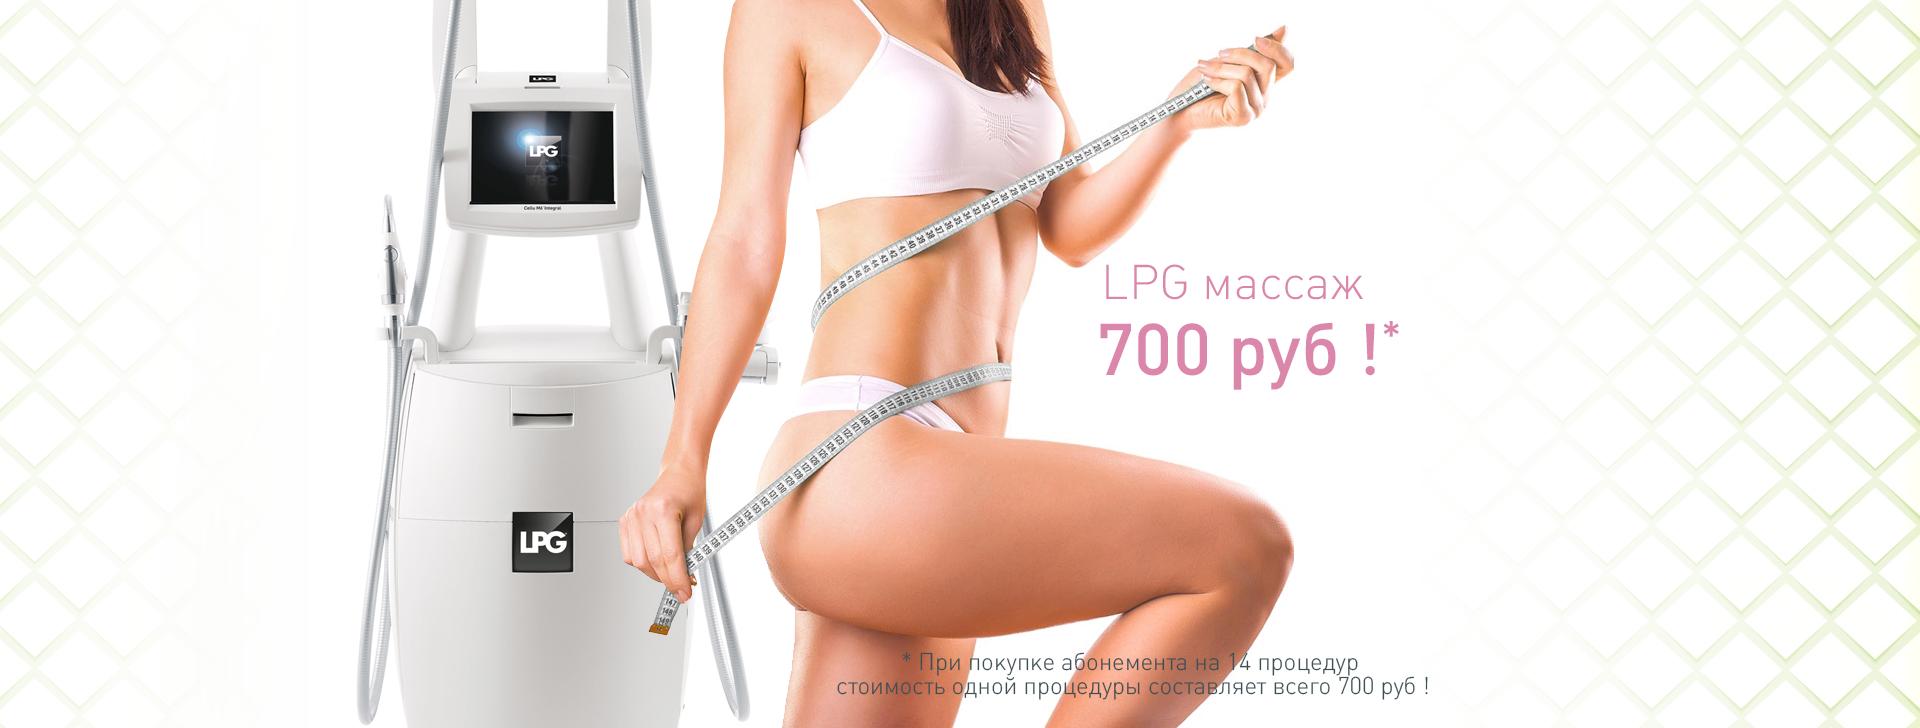 foto-model-na-massazhe-onlayn-porno-piter